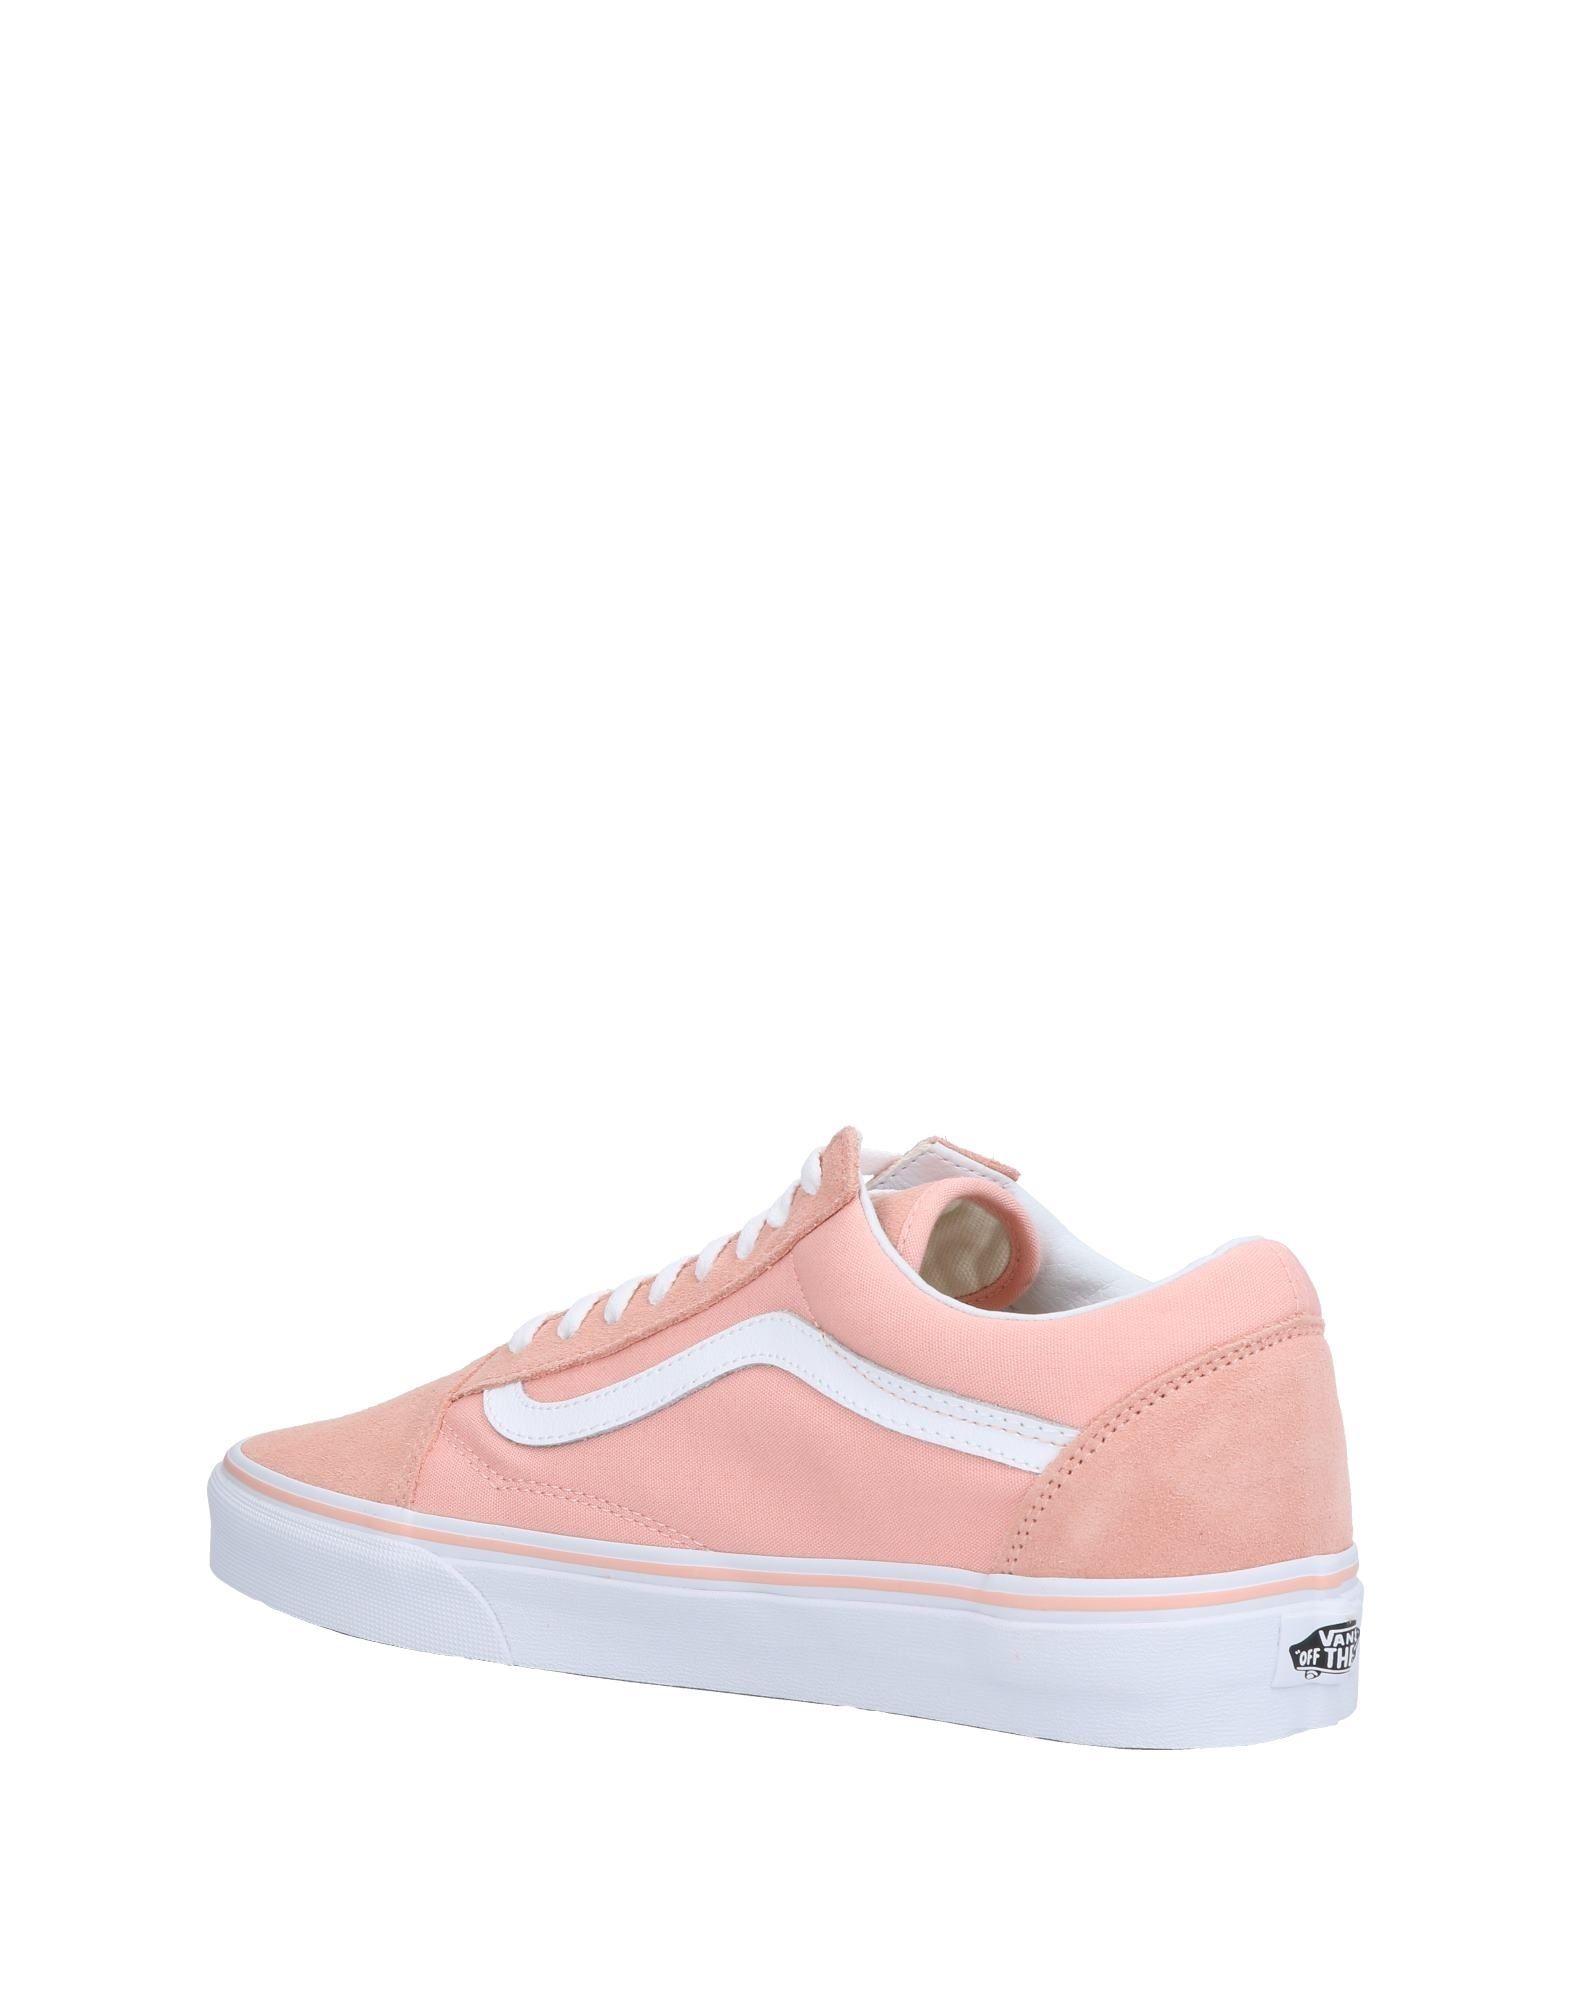 Rabatt Vans echte Schuhe Vans Rabatt Sneakers Herren  11483537LC f2ae3e